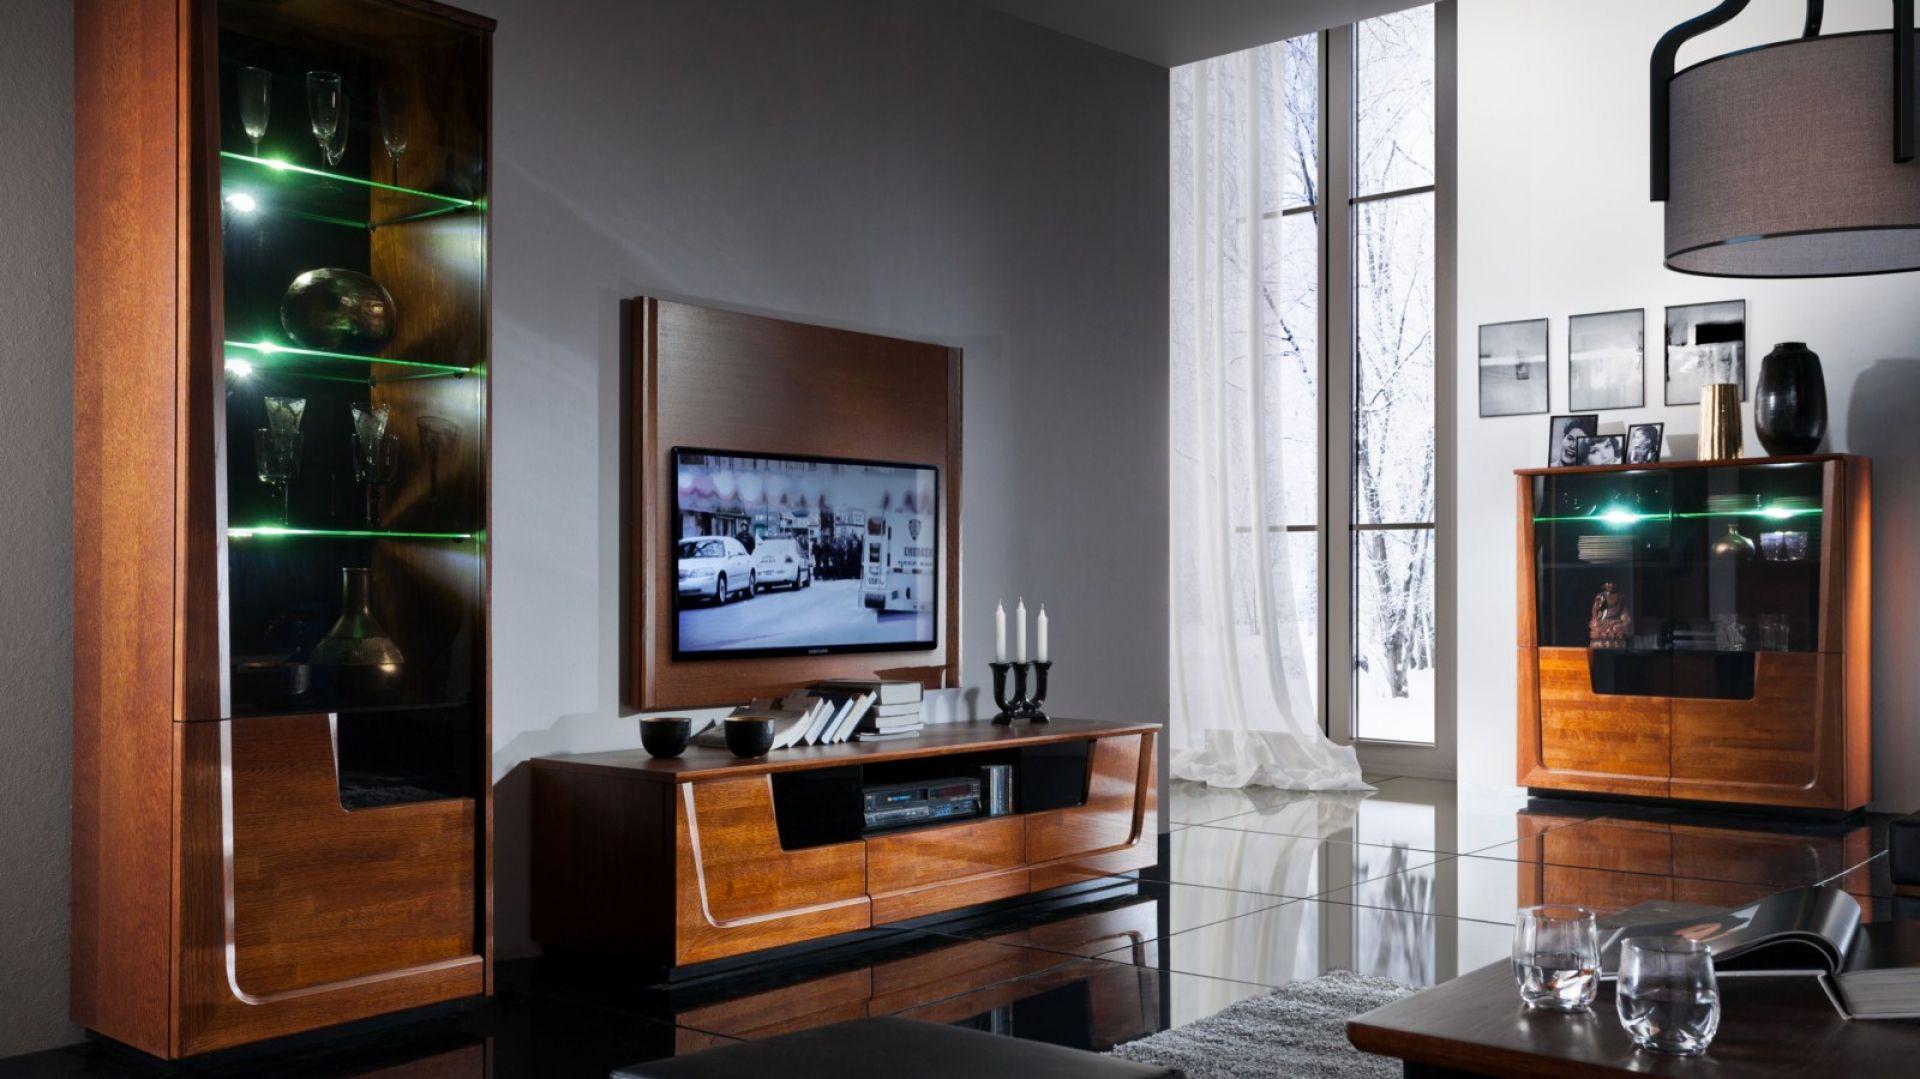 Kolekcja Maganda to nowocześnie wykończone bryły mebli, wzbogacone o stylowe oświetlenie. Fot. Mebin